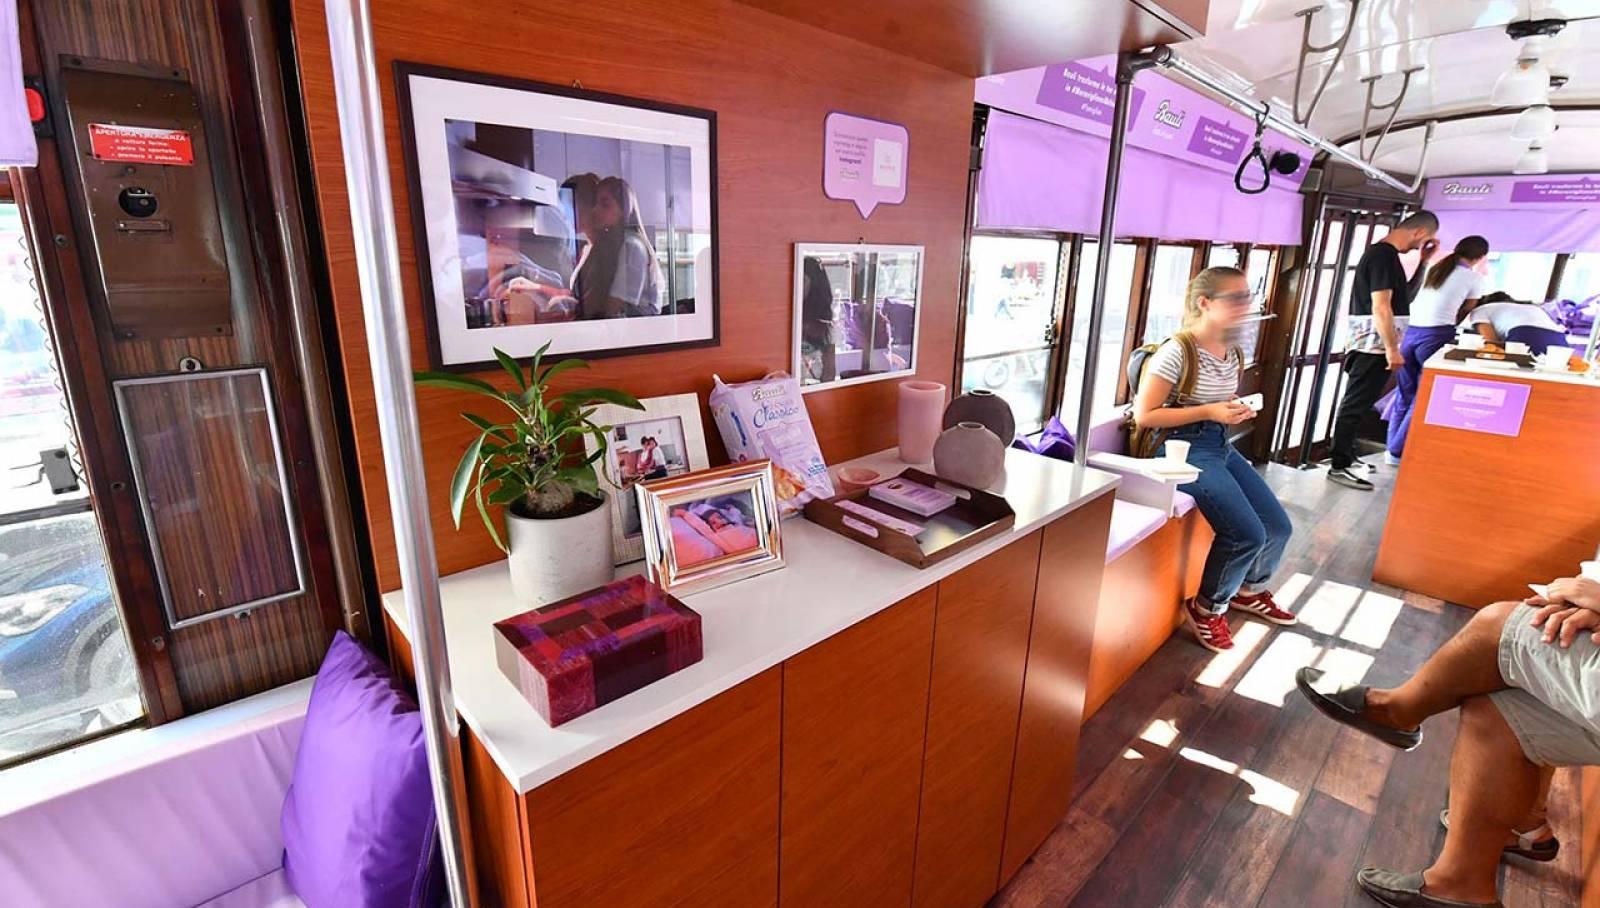 IGPDecaux Milano tram speciale per Bauli